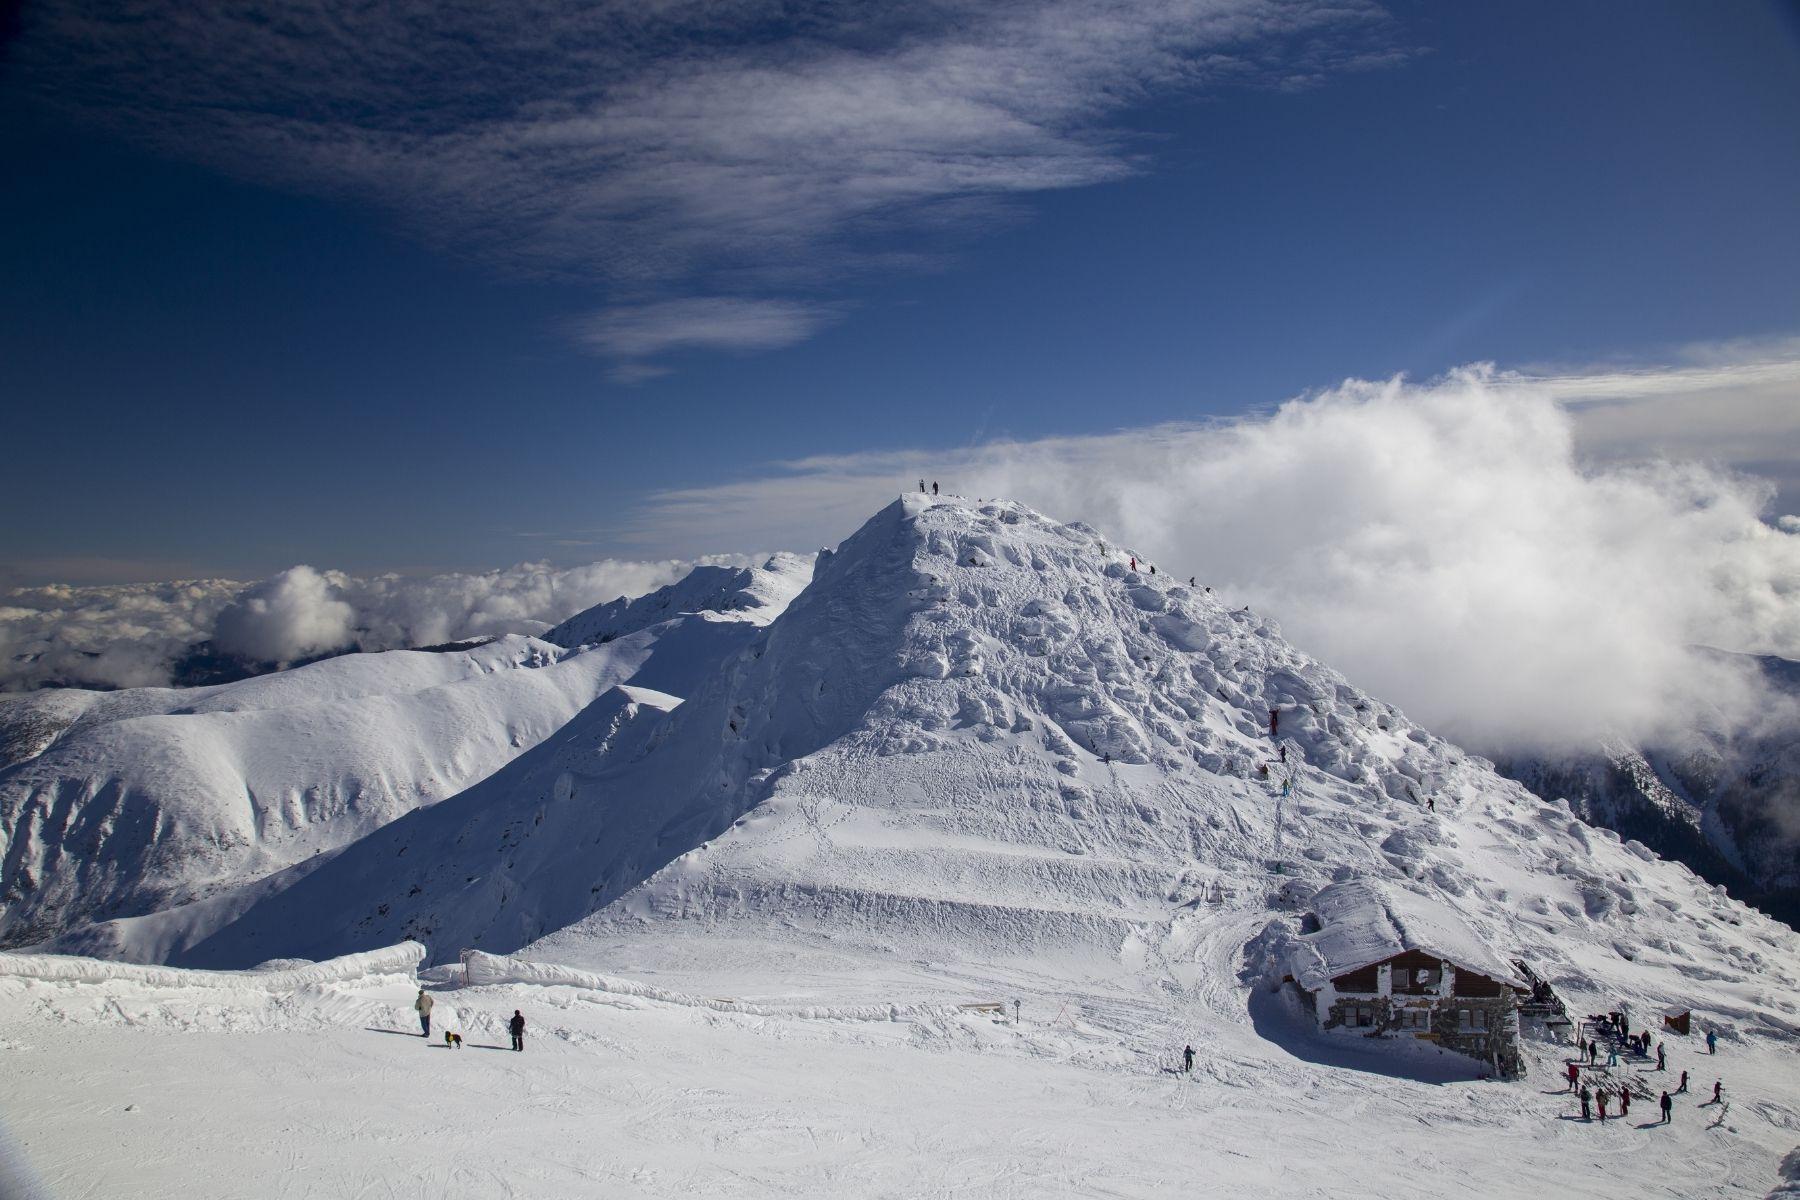 slovacia schi